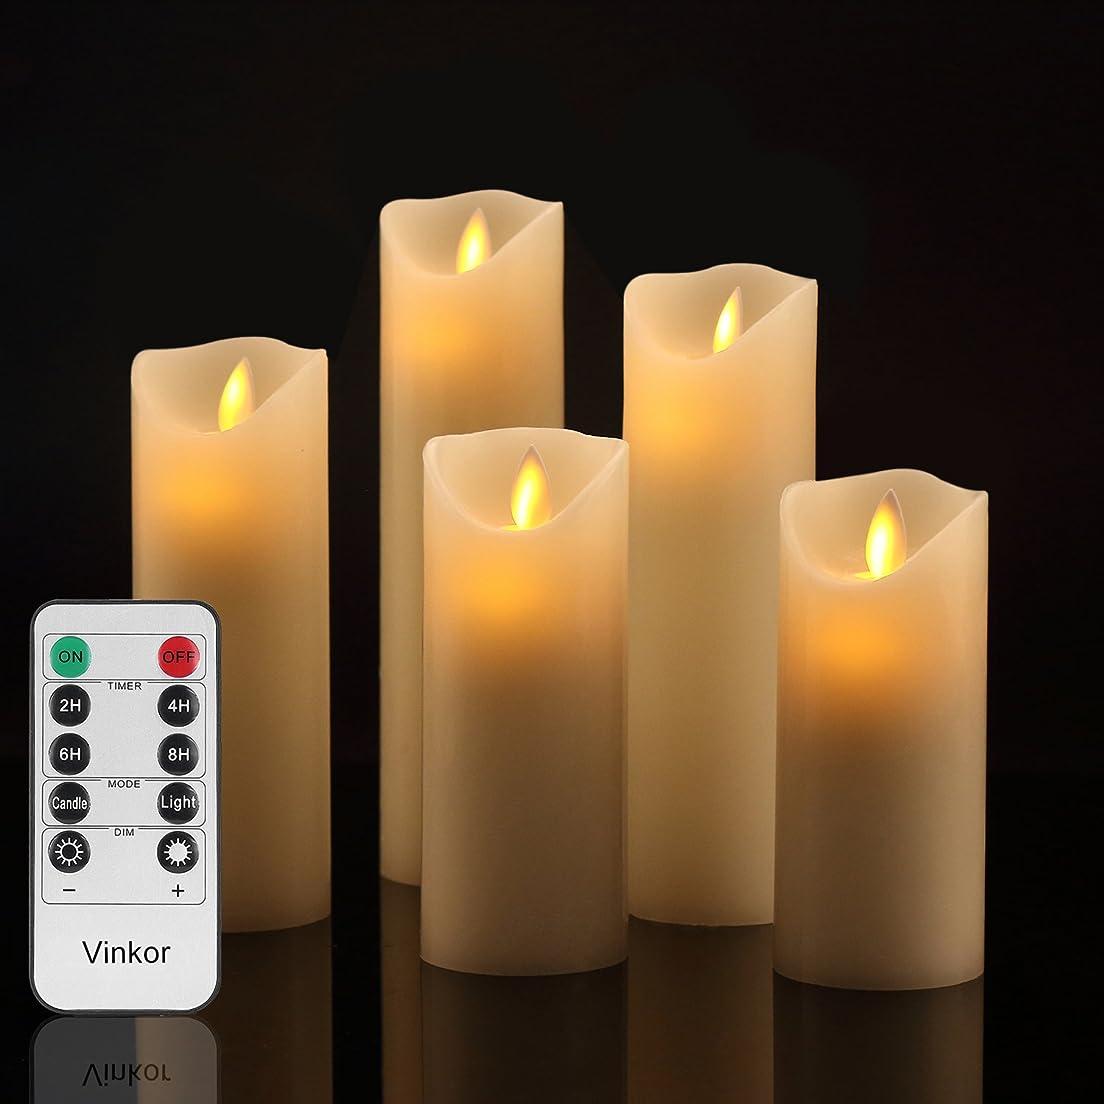 学習感謝祭マダムLED キャンドル ライト 専用リモコン付き 自動消灯タイマー 癒し 雰囲気 (5点セット)